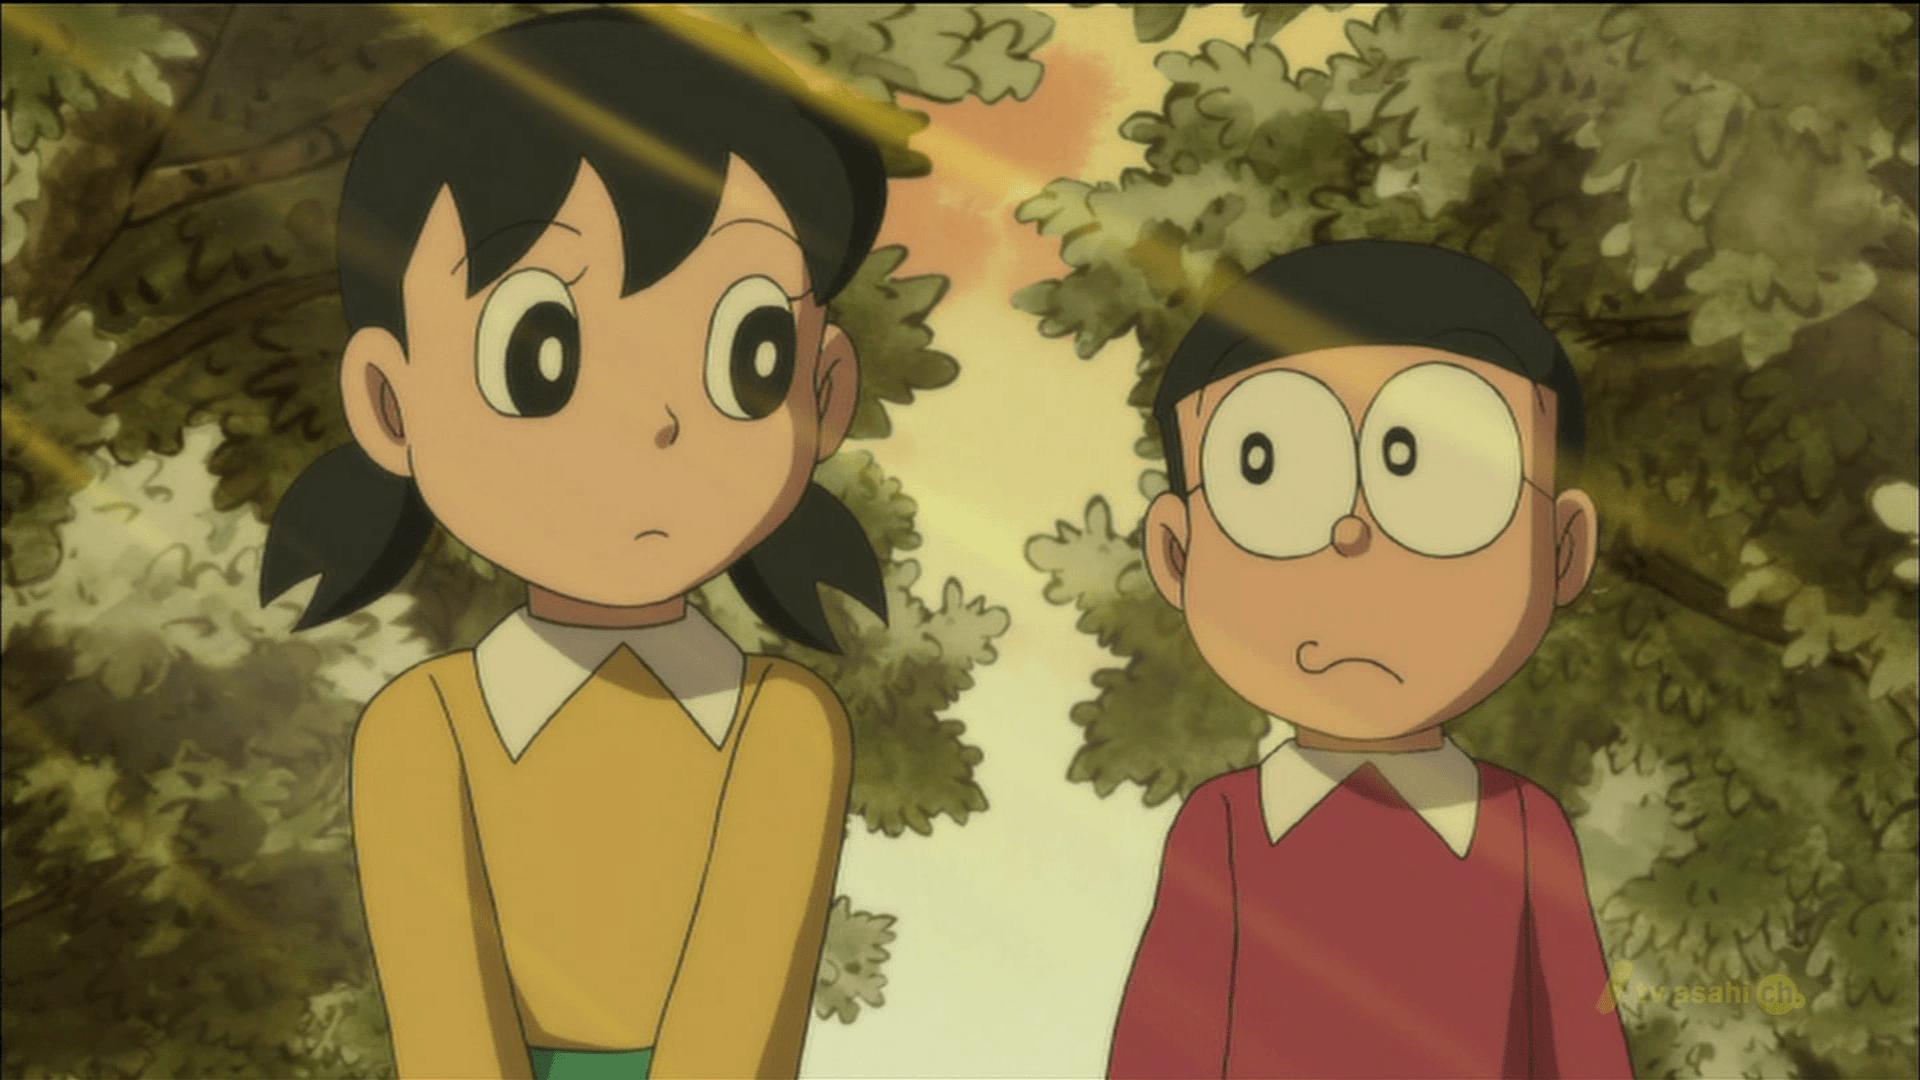 Nobita And Shizuka Wallpapers Wallpaper Cave